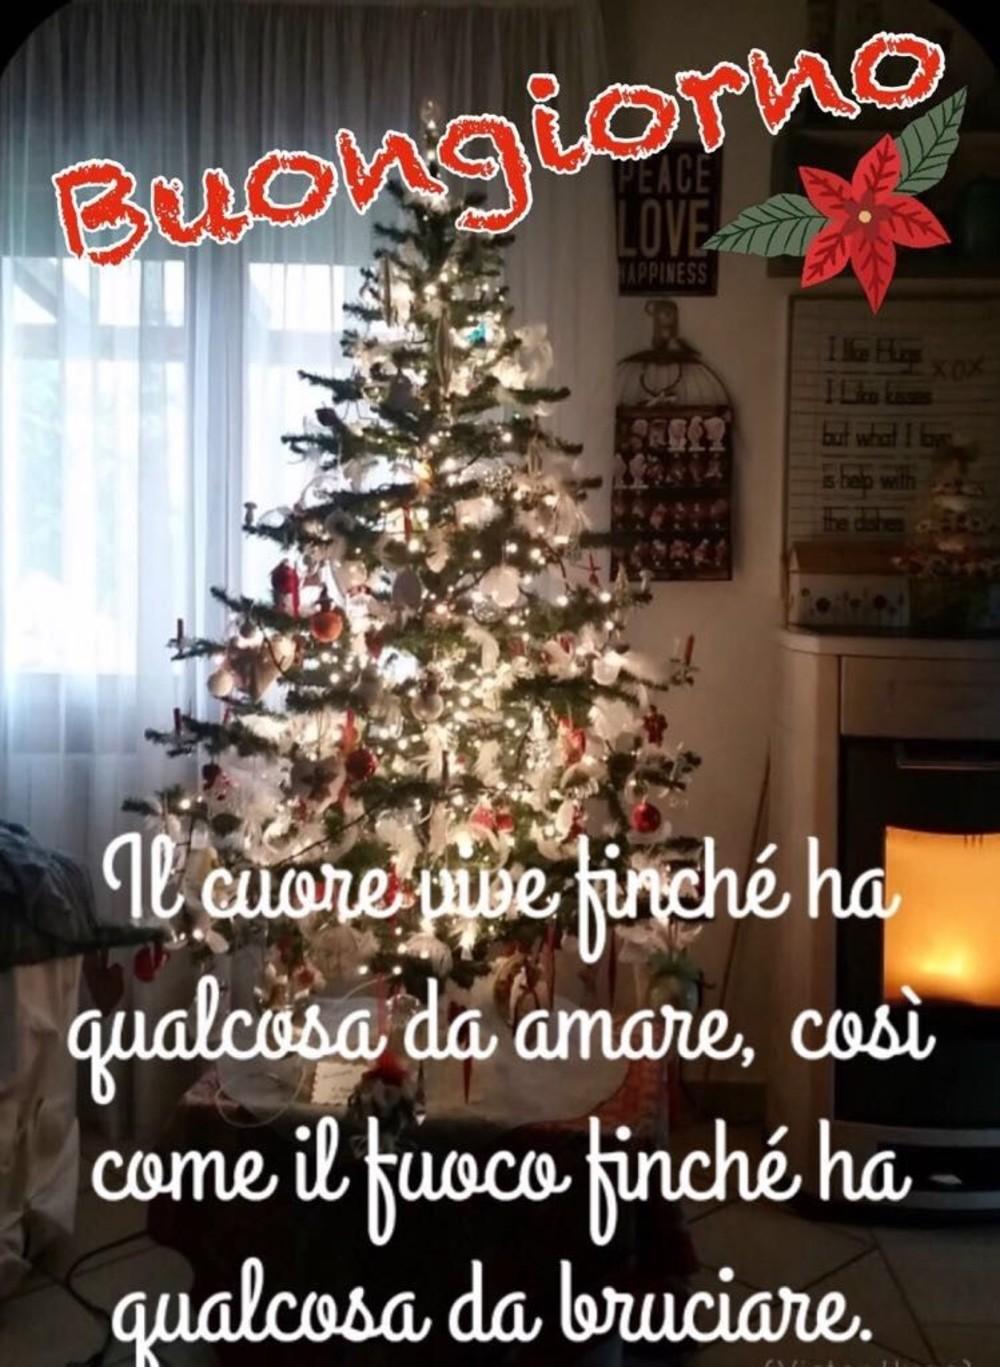 Immagini Buongiorno Di Natale.Buongiorno Con Albero Di Natale Buongiornissimocaffe It